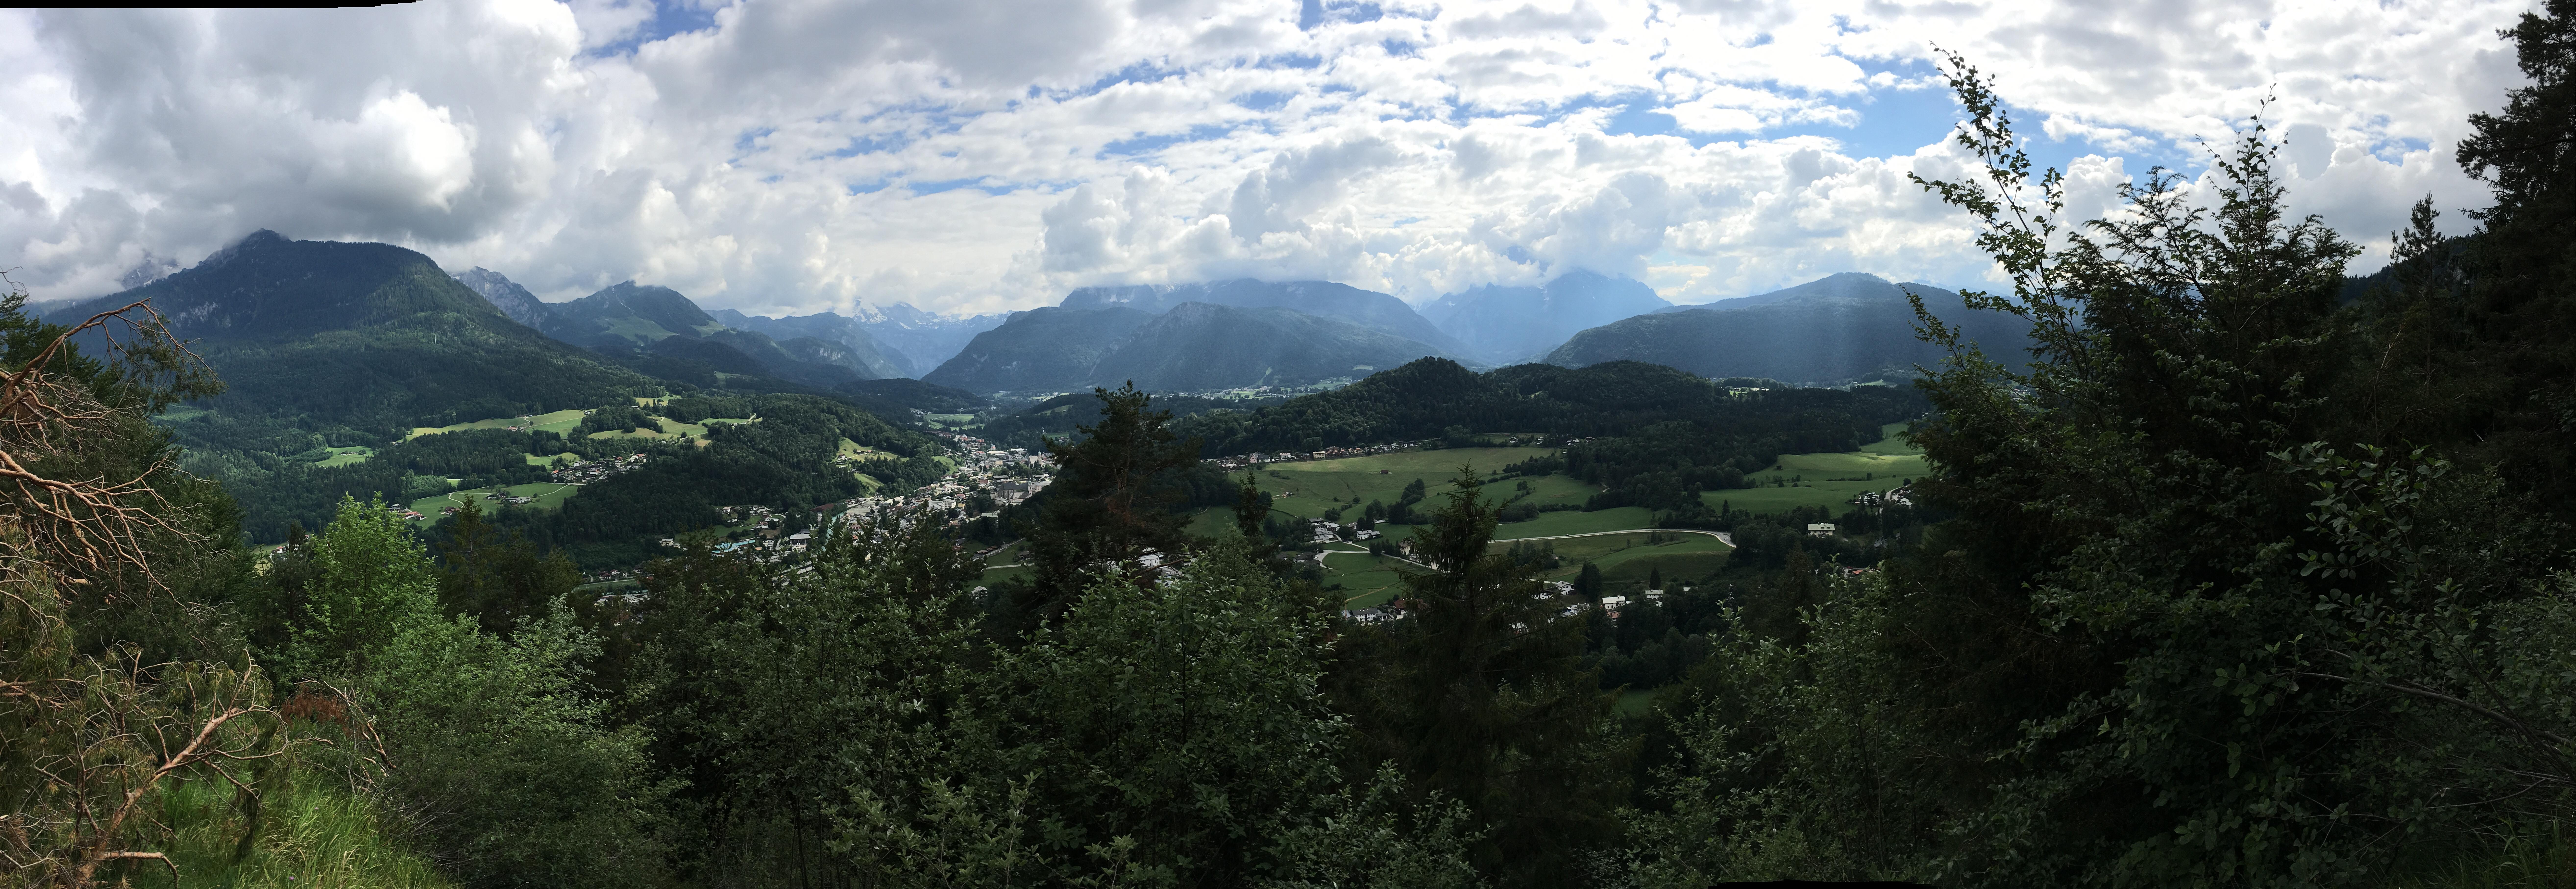 Blick von der Marxenhöhe auf den gegenüberliegenden Watzmann